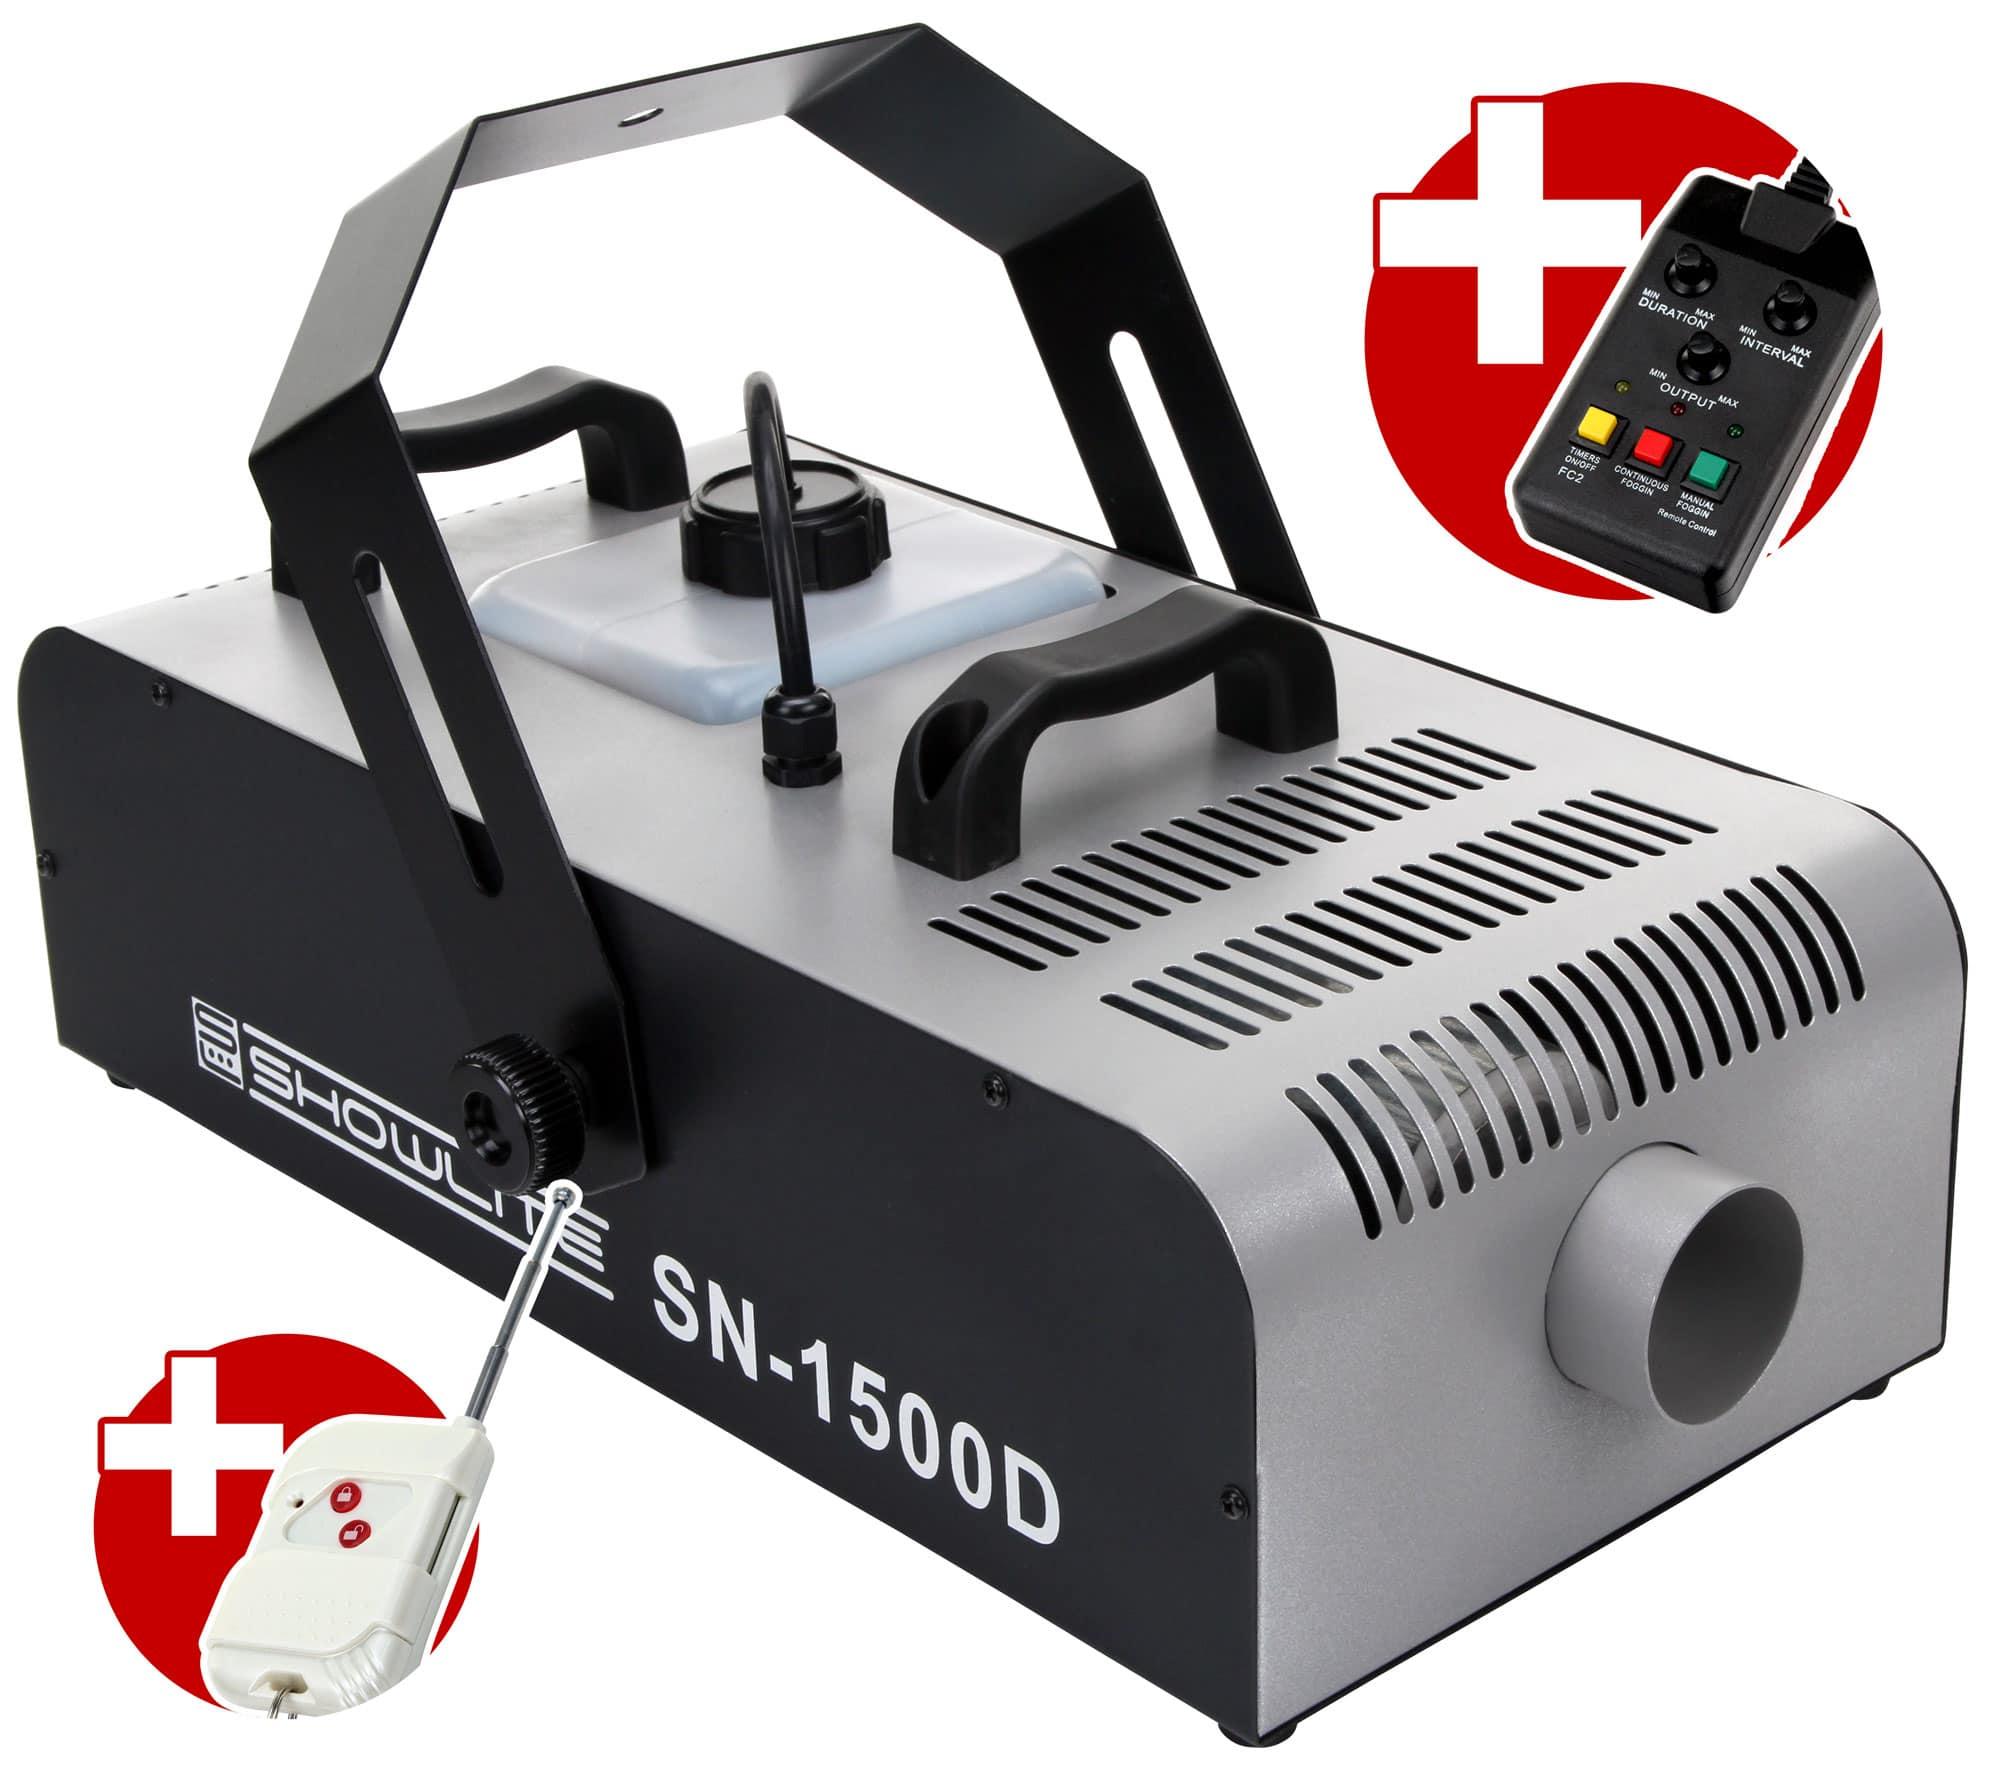 Nebeleffekte - Showlite SN 1500D DMX Nebelmaschine 1500W inkl. Fernbedienung mit Timer - Onlineshop Musikhaus Kirstein